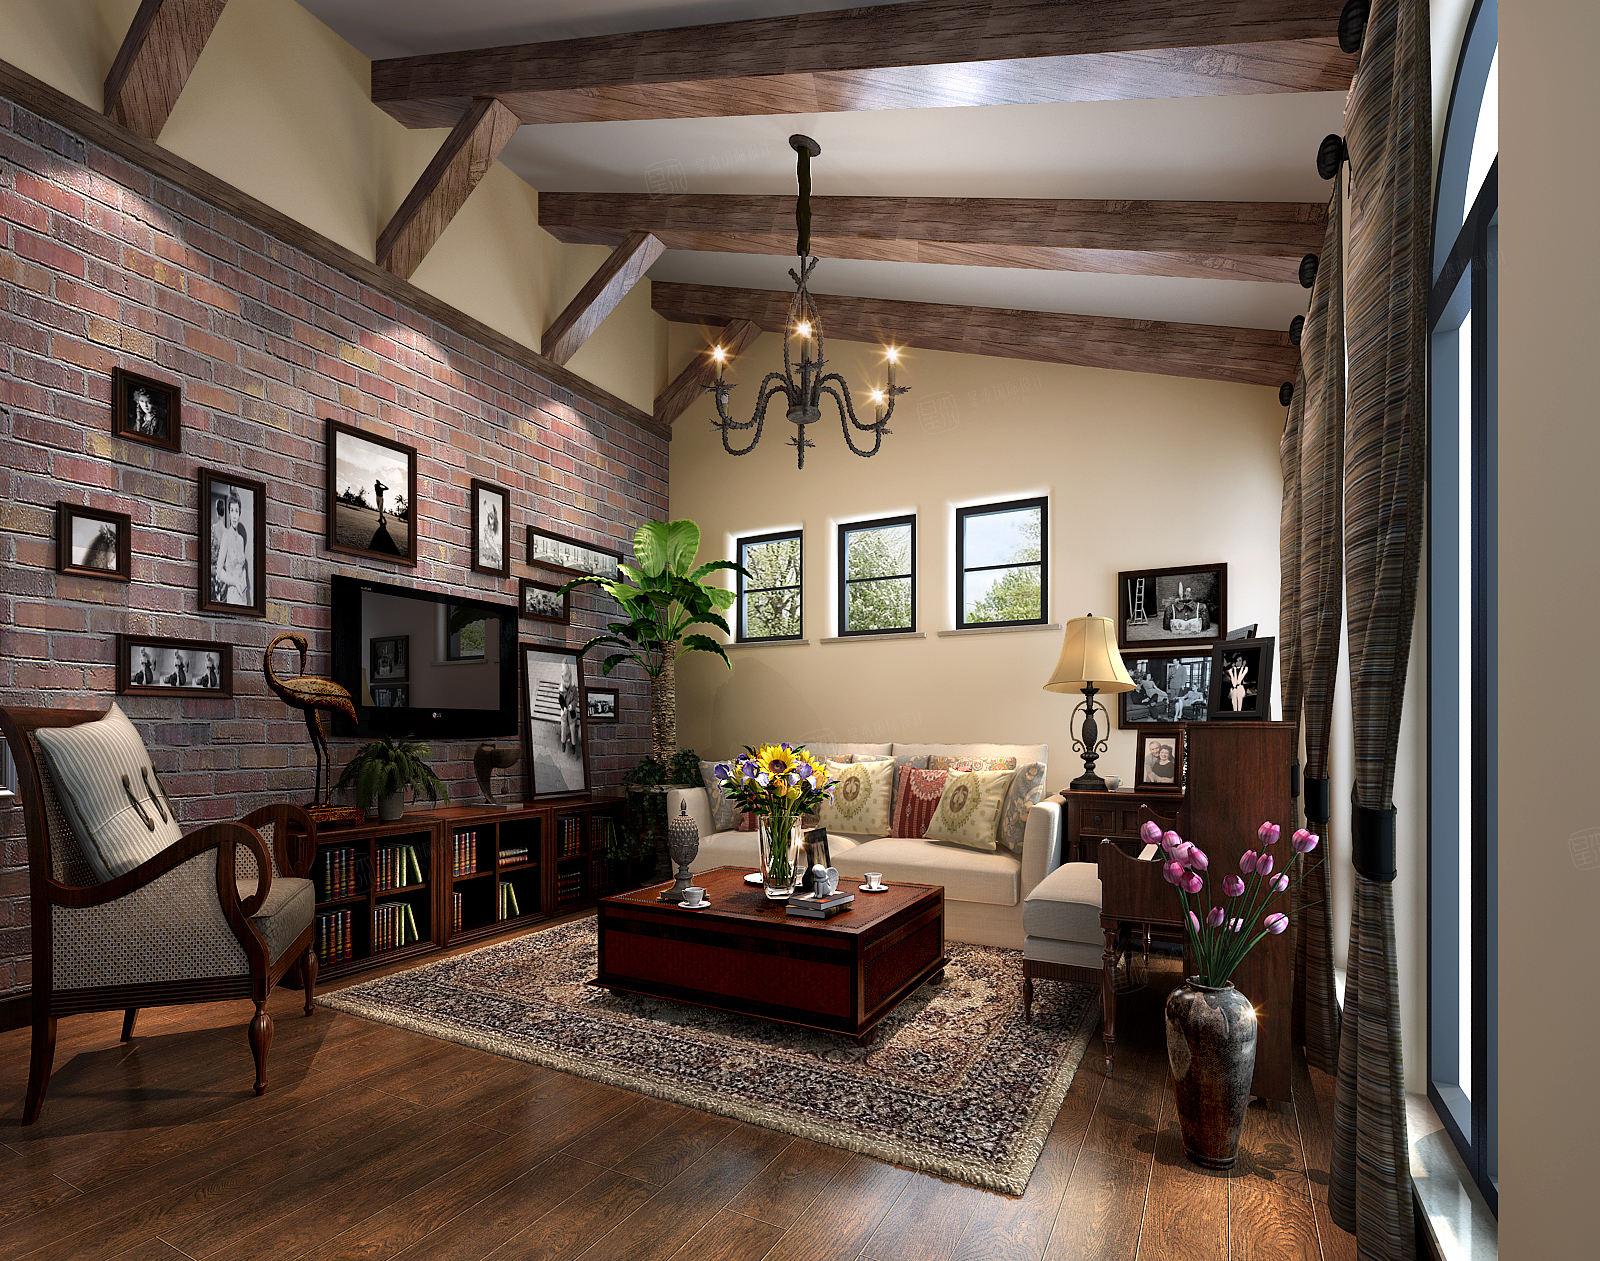 圣塔路斯 美式装修客厅效果图